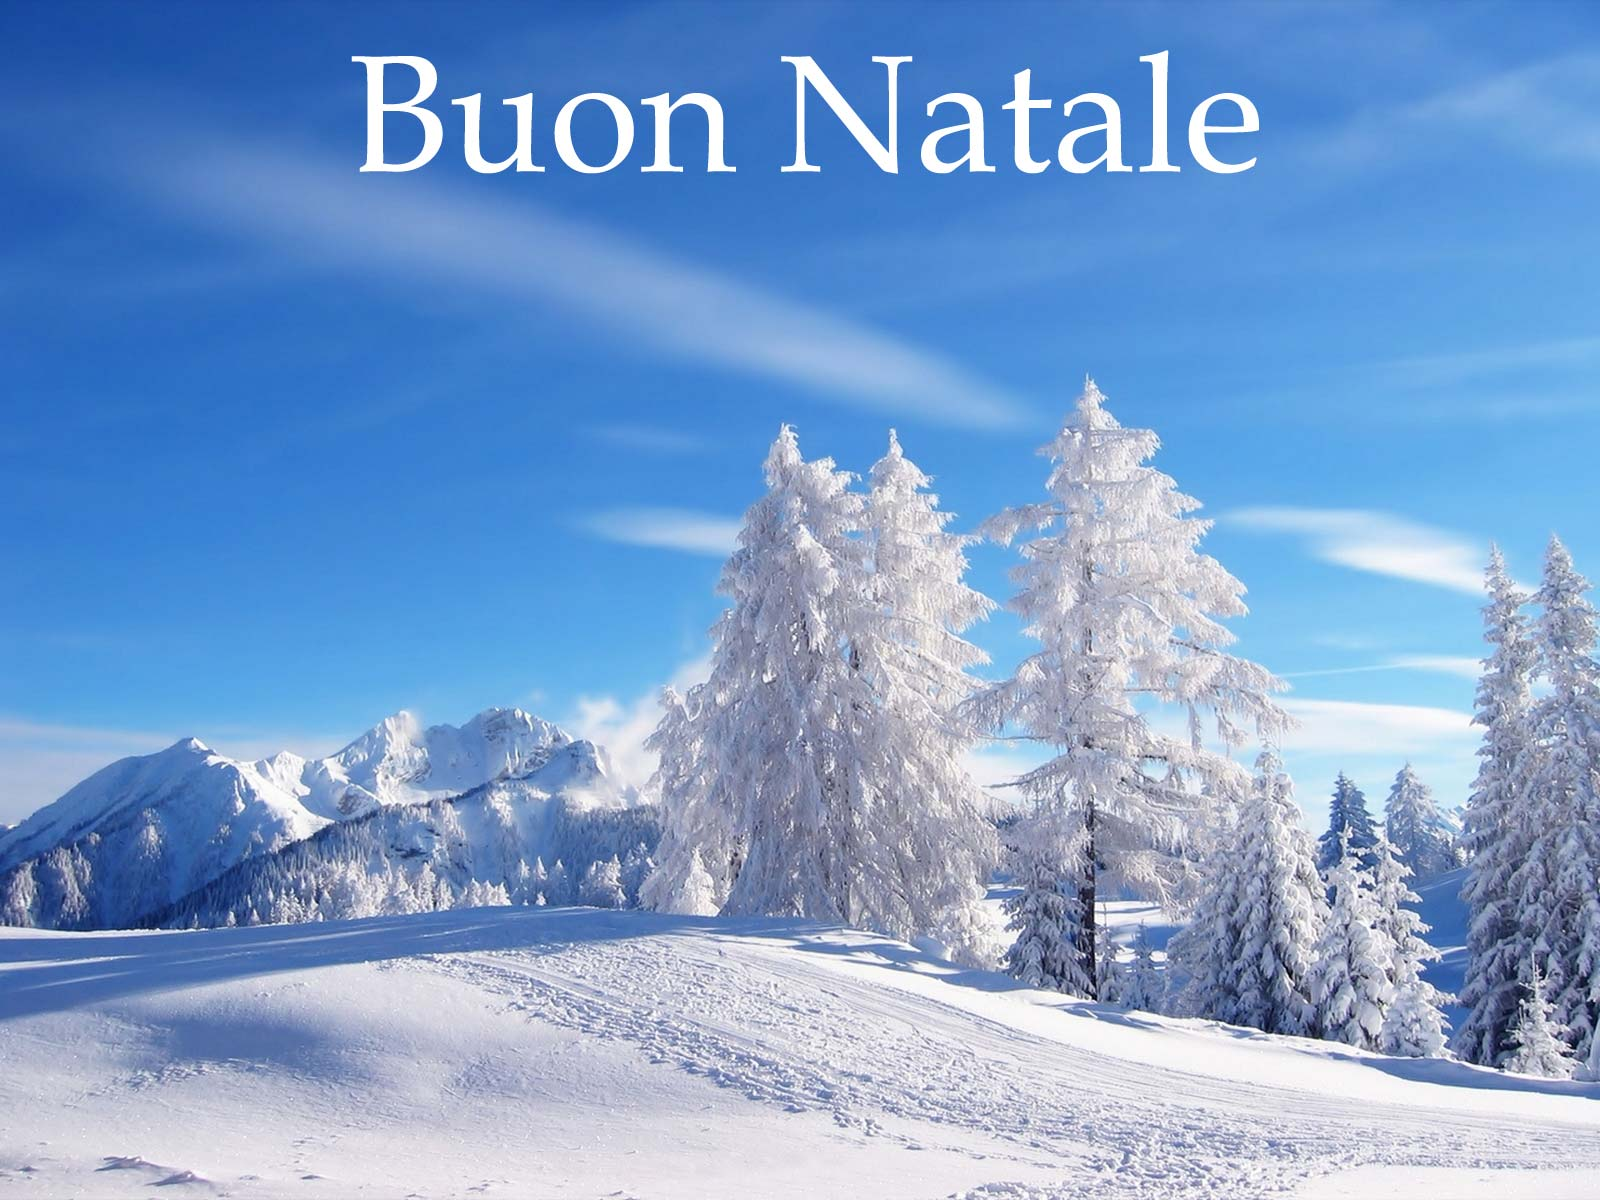 Sfondo Natalizio - Sfondo desktop Buon Natale